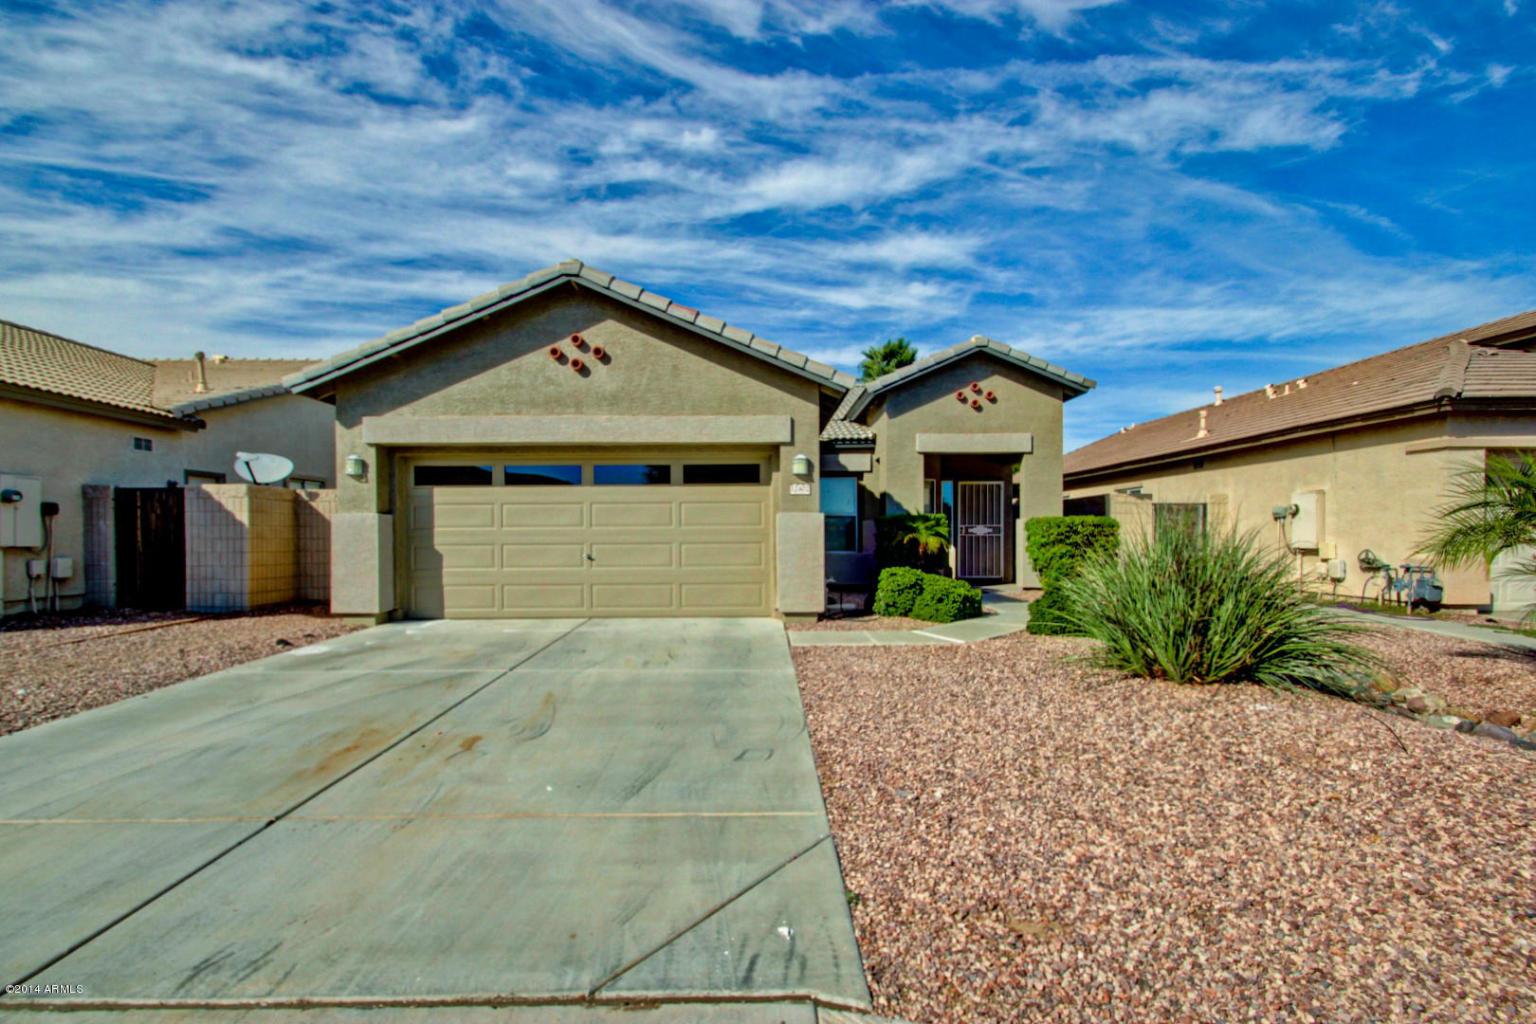 12402 W ADAMS ST, Avondale, AZ 85323